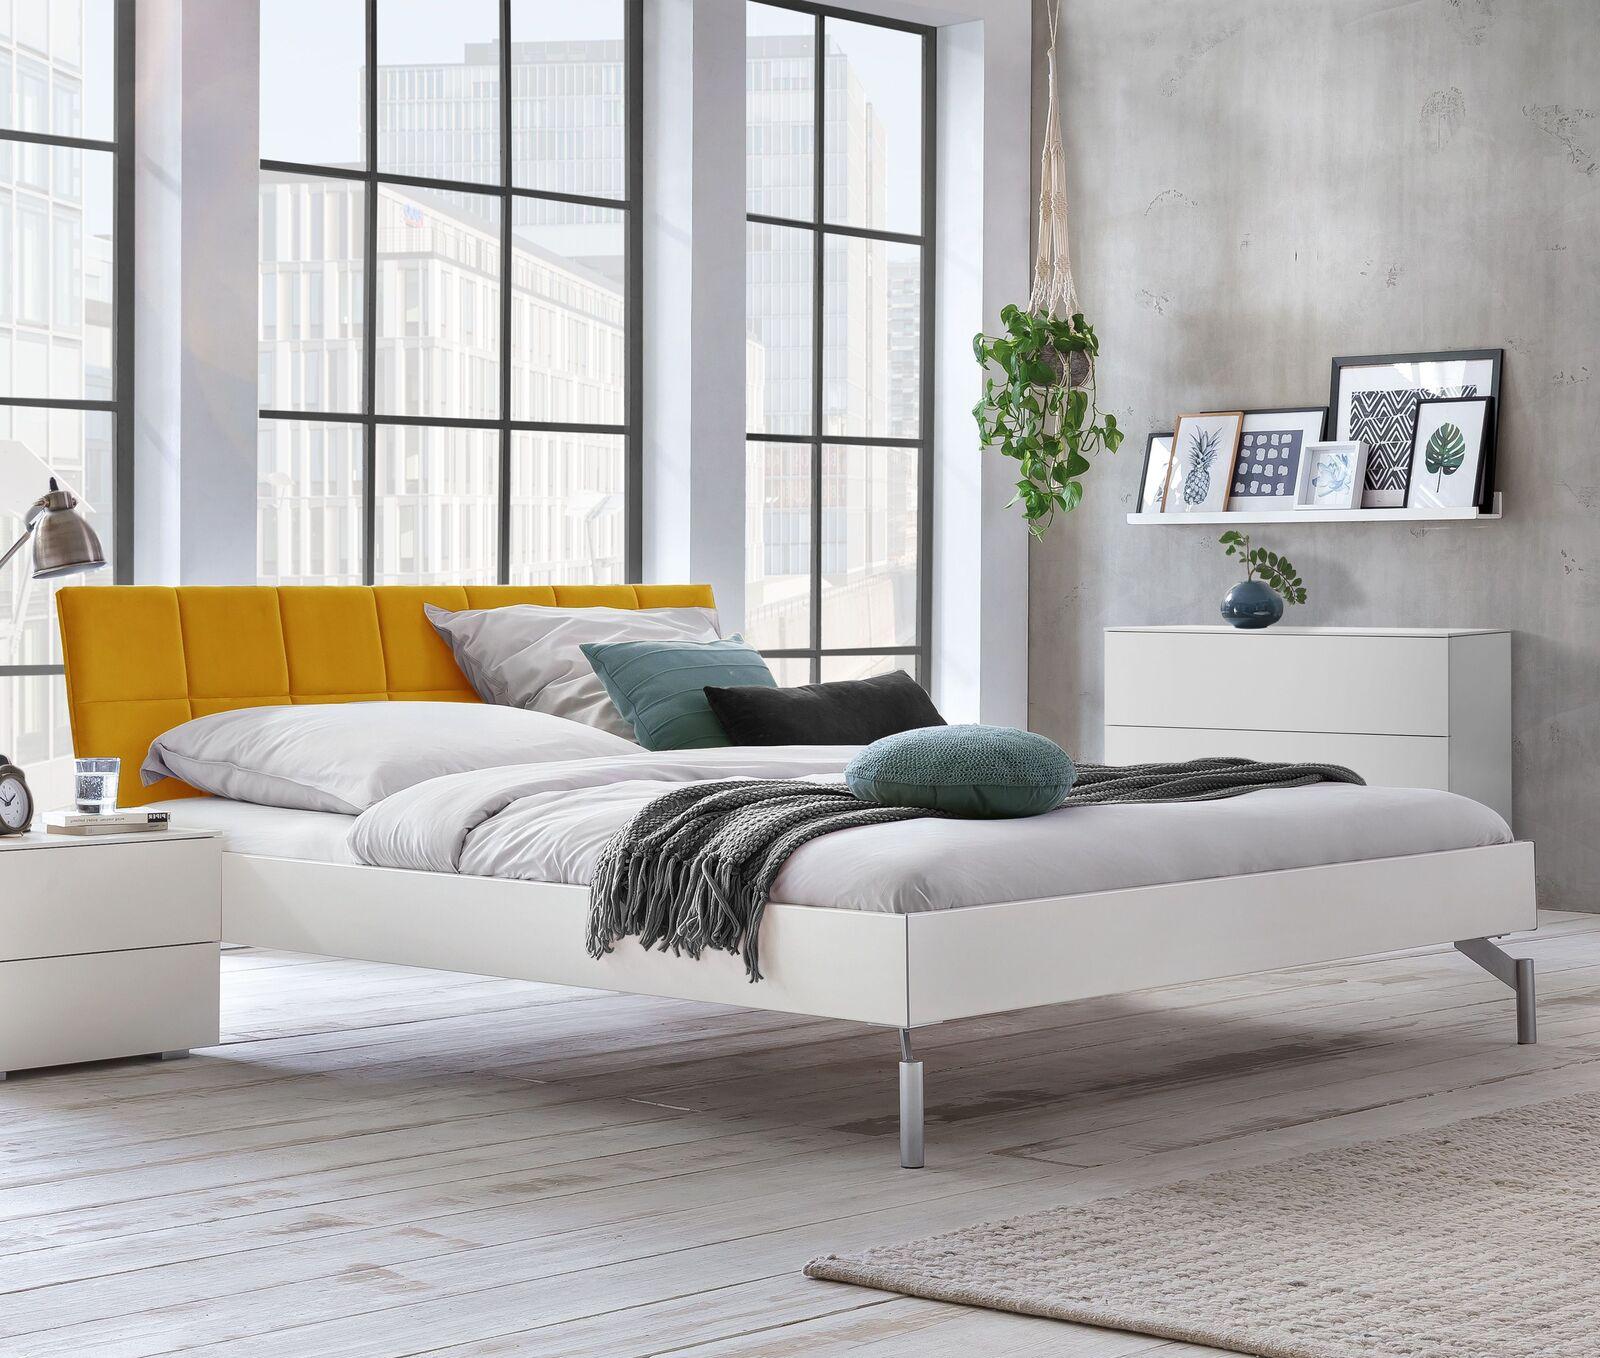 Full Size of Bett Modern Design Italienisches Puristisch Stabiles Einzel Und Bette Starlet Boden Für Badezimmer 120x200 Mit Bettkasten Kopfteile Betten 200x200 Bett Wickelbrett Für Bett